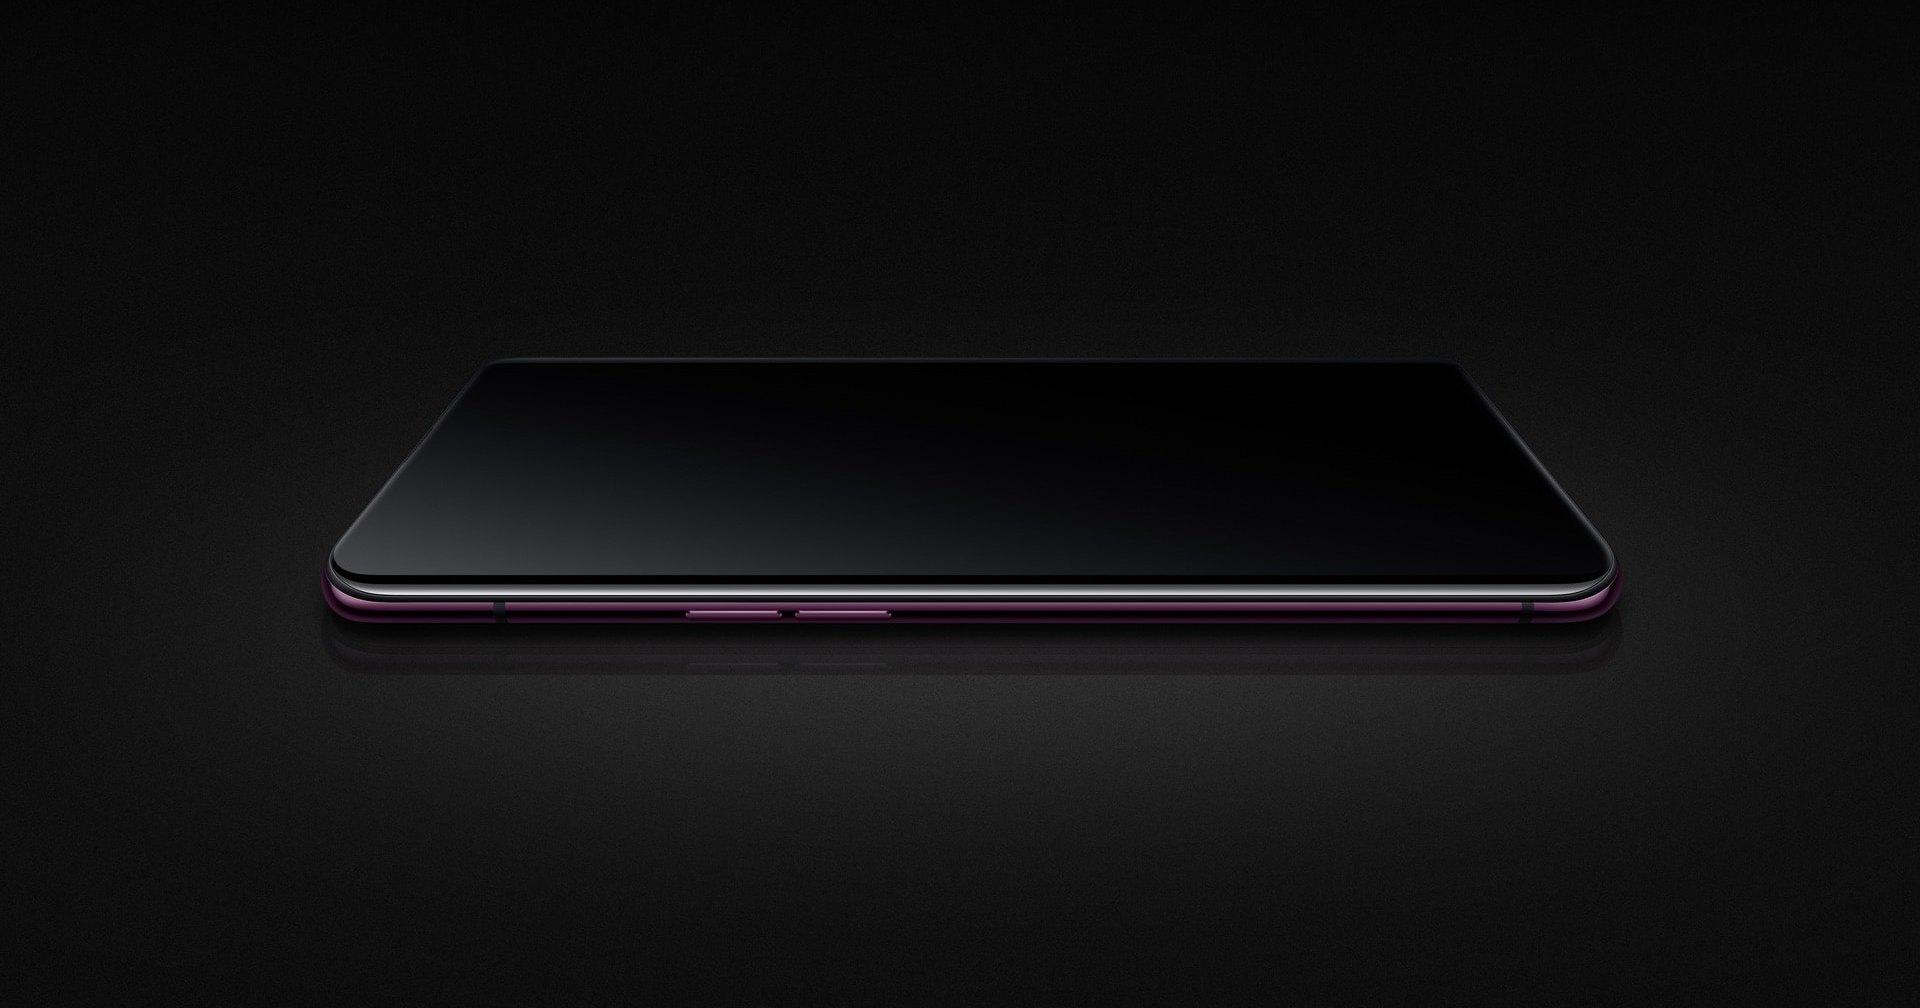 Новая версия смартфона Oppo Find X получит 10 ГБ оперативной памяти